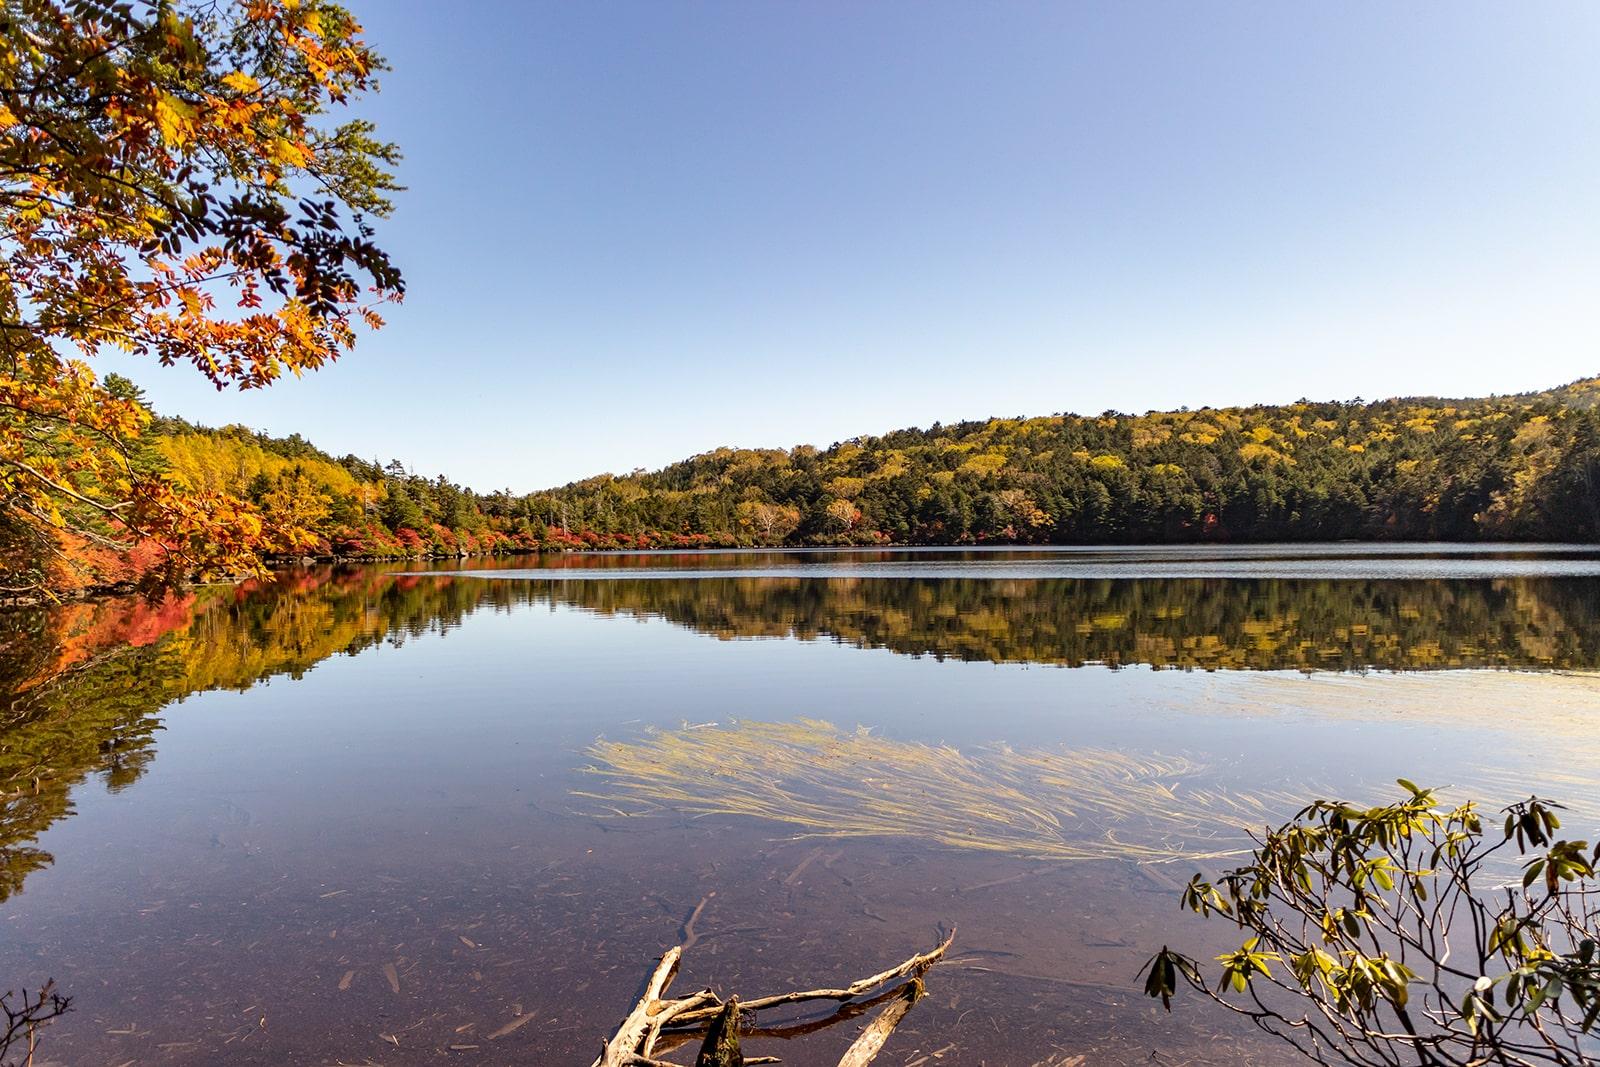 秋、澄んだ水面に紅葉が映り込む白駒池